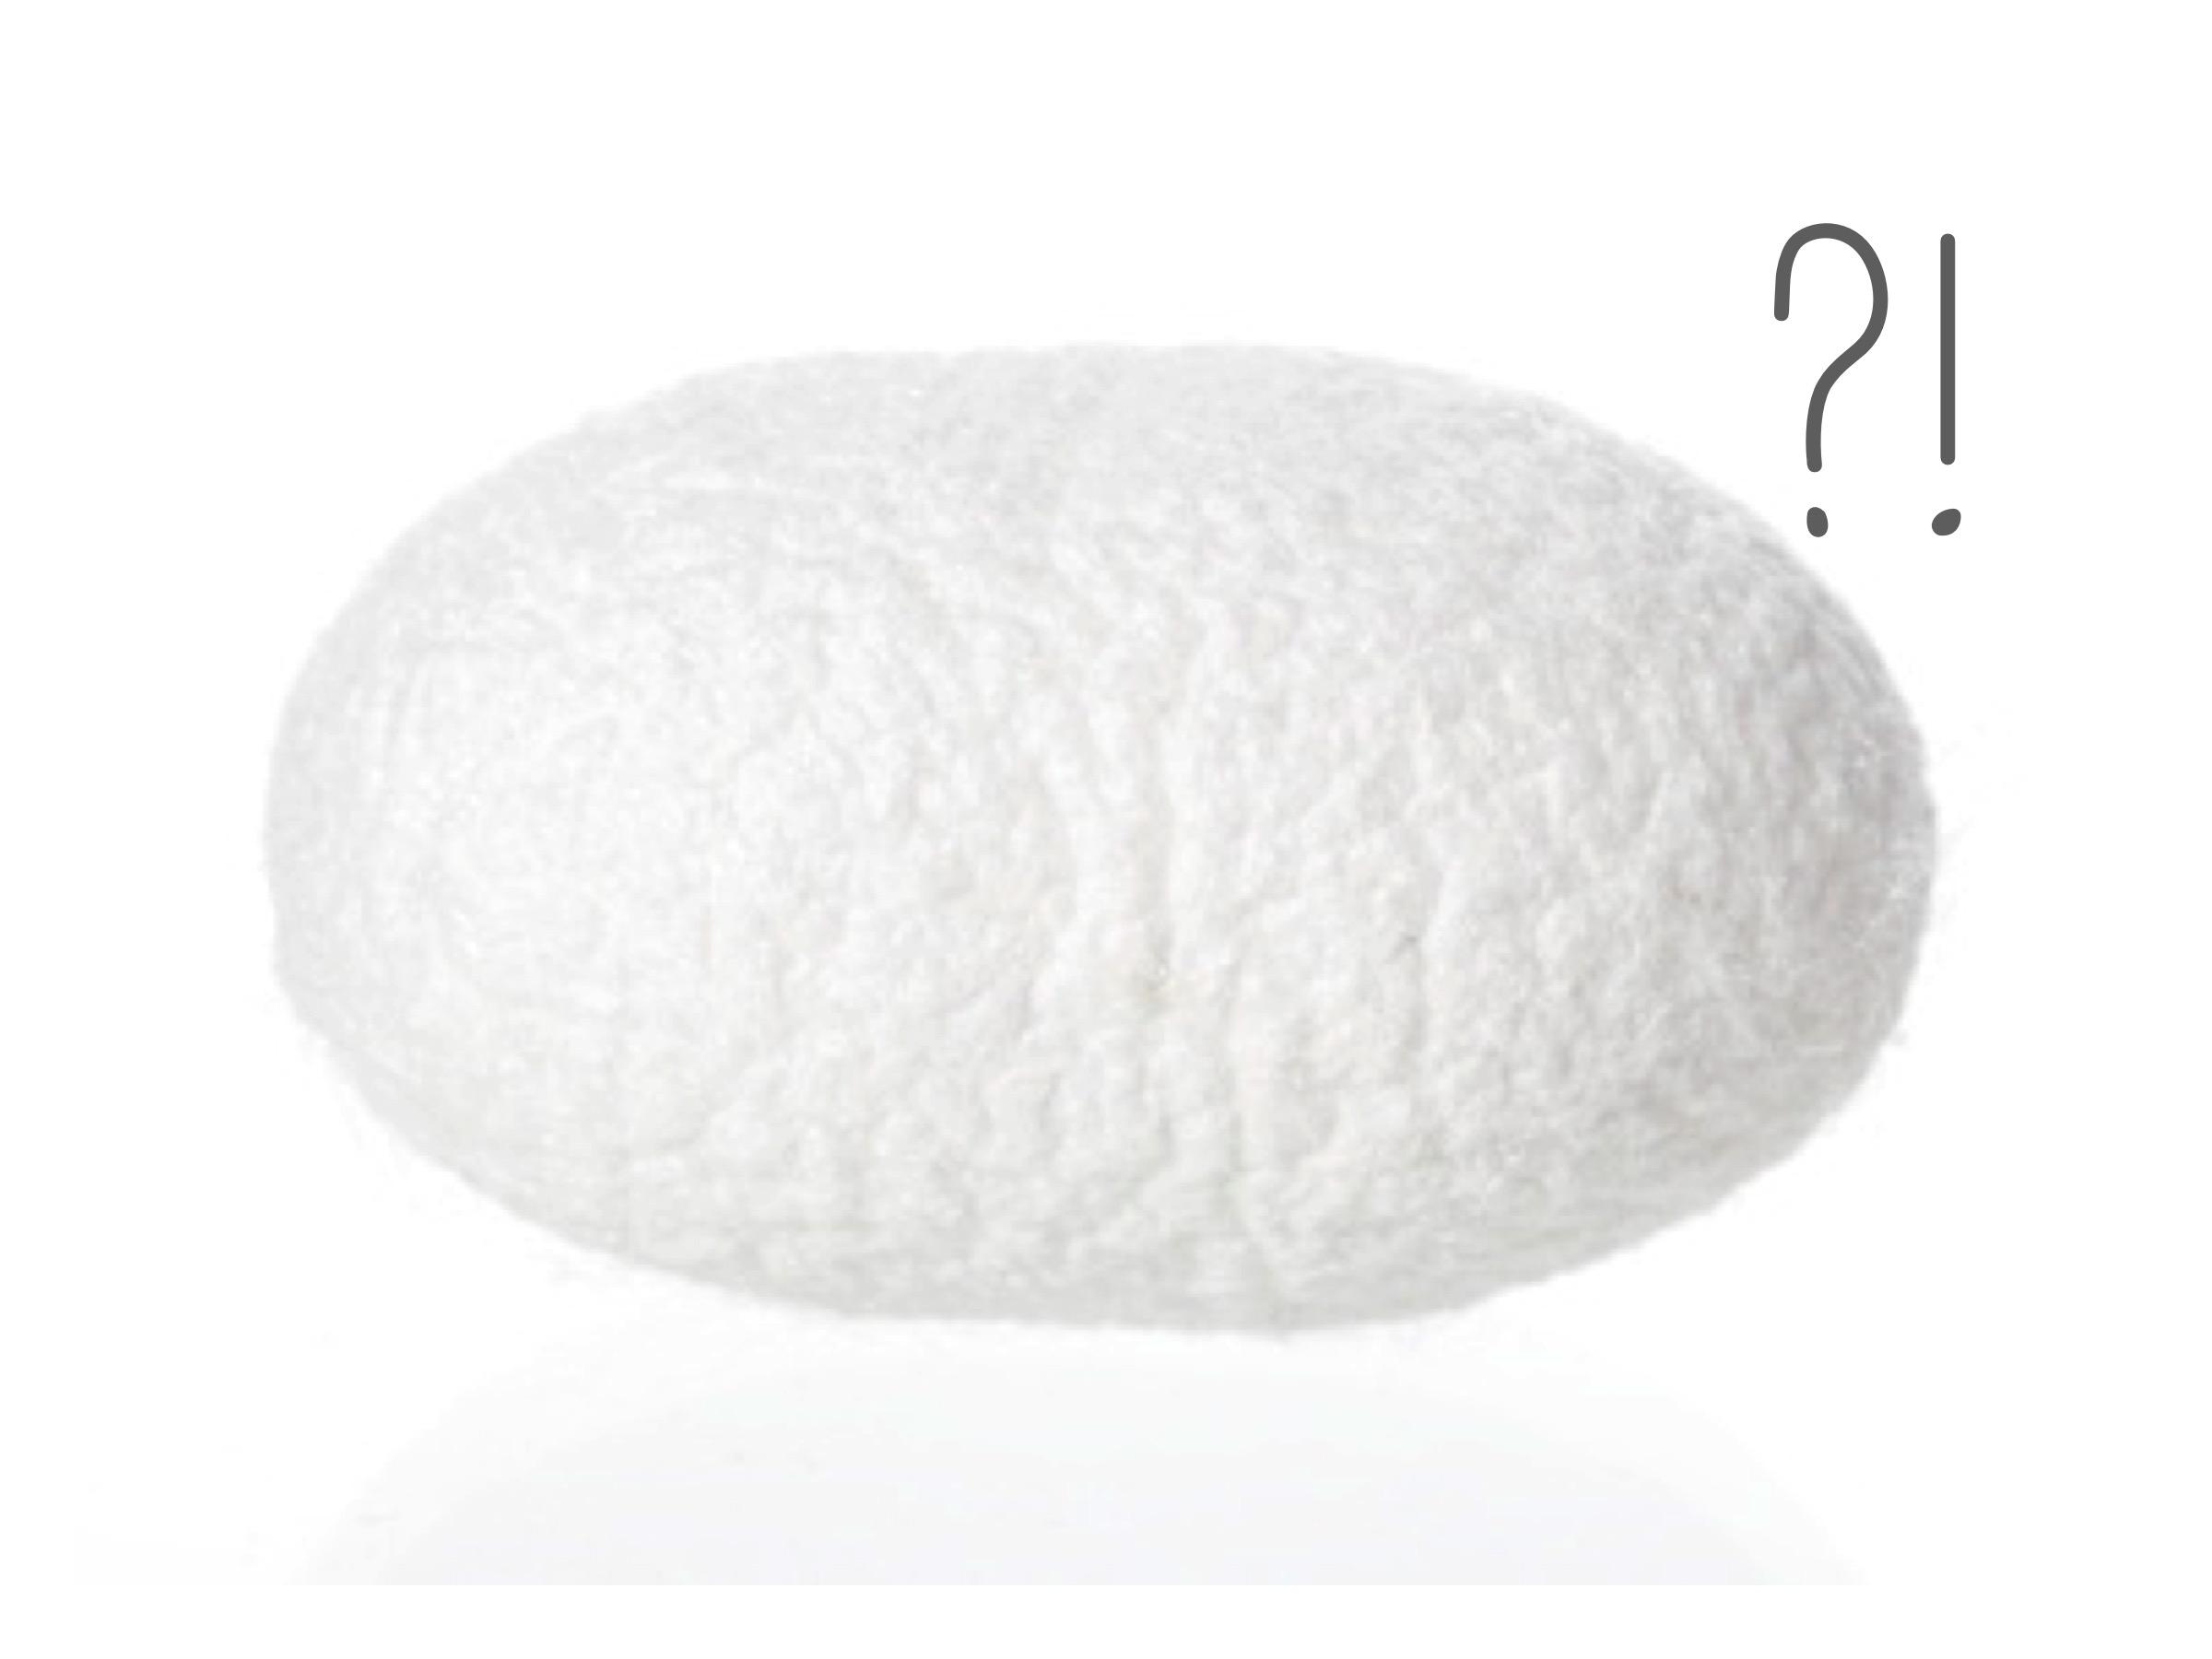 cocon semantique question